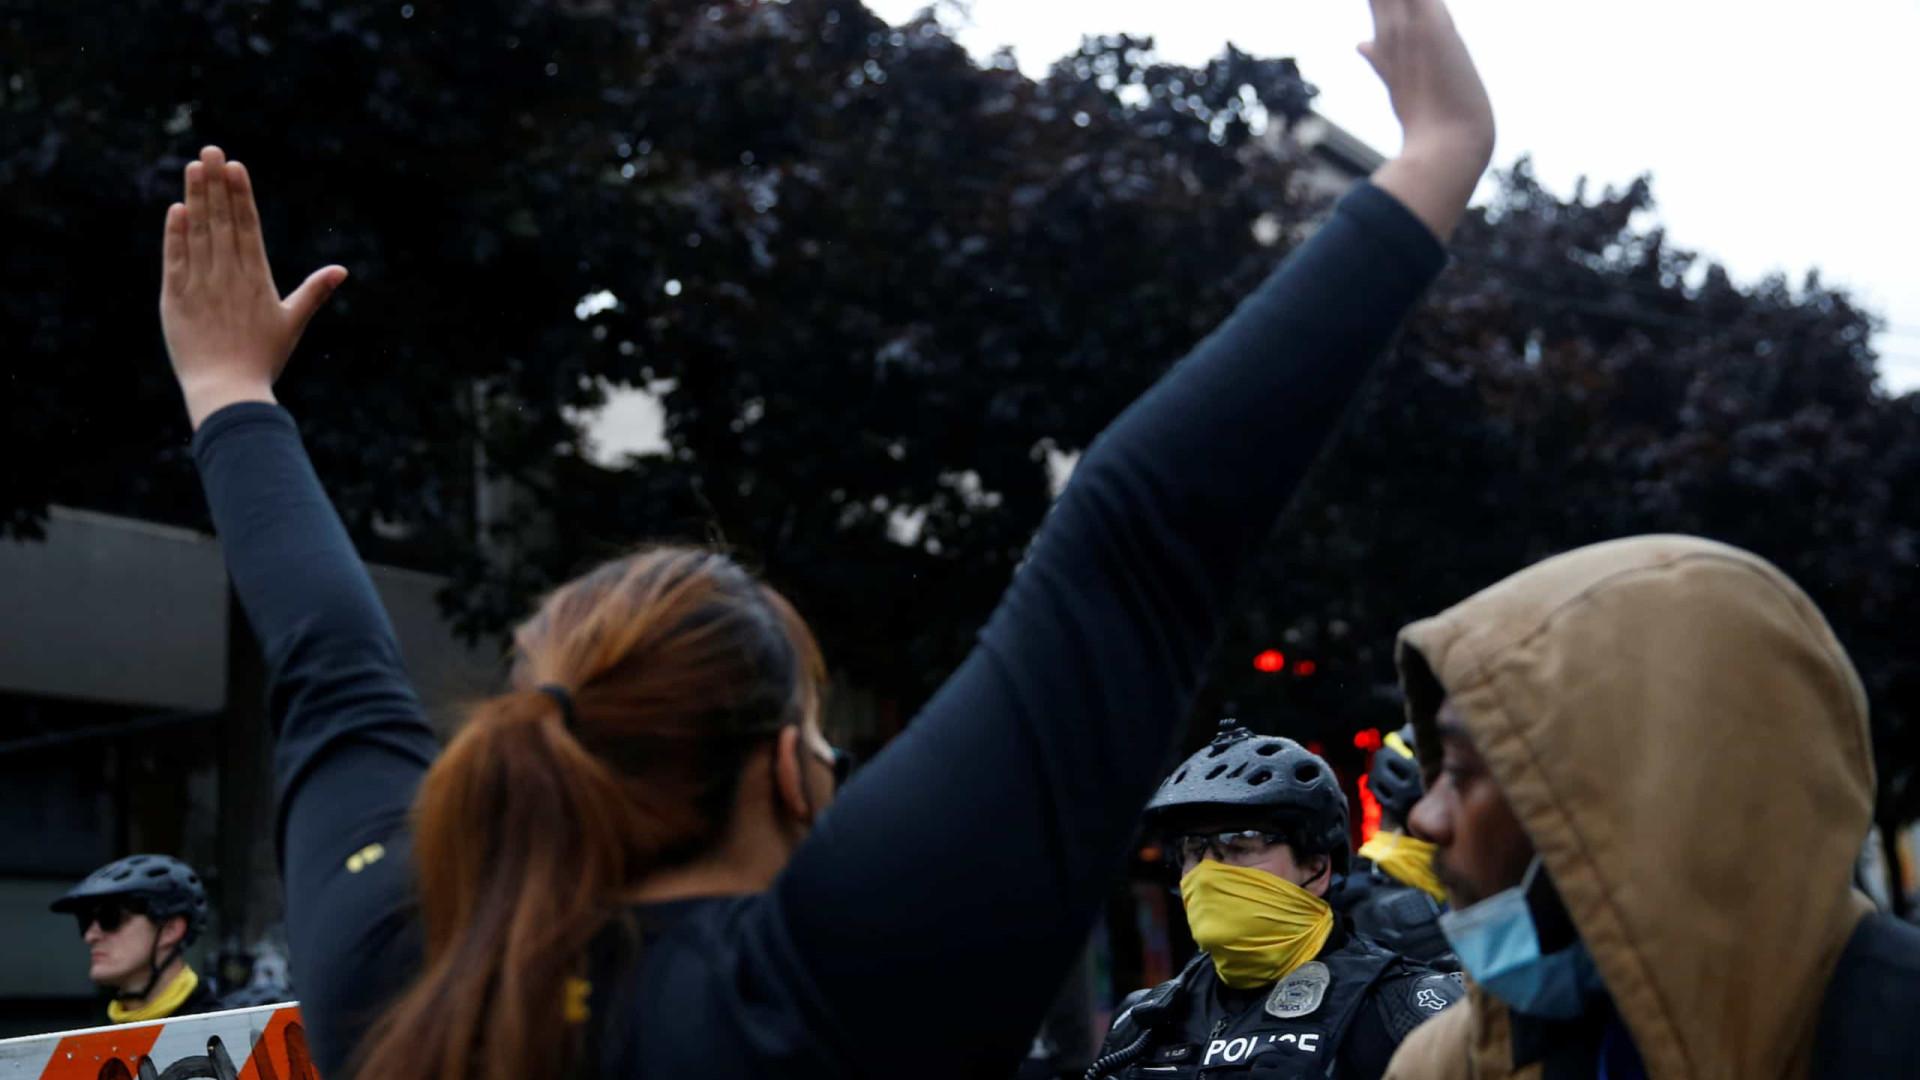 ONU: BR se abstém em votação contra discriminação de mulheres e meninas